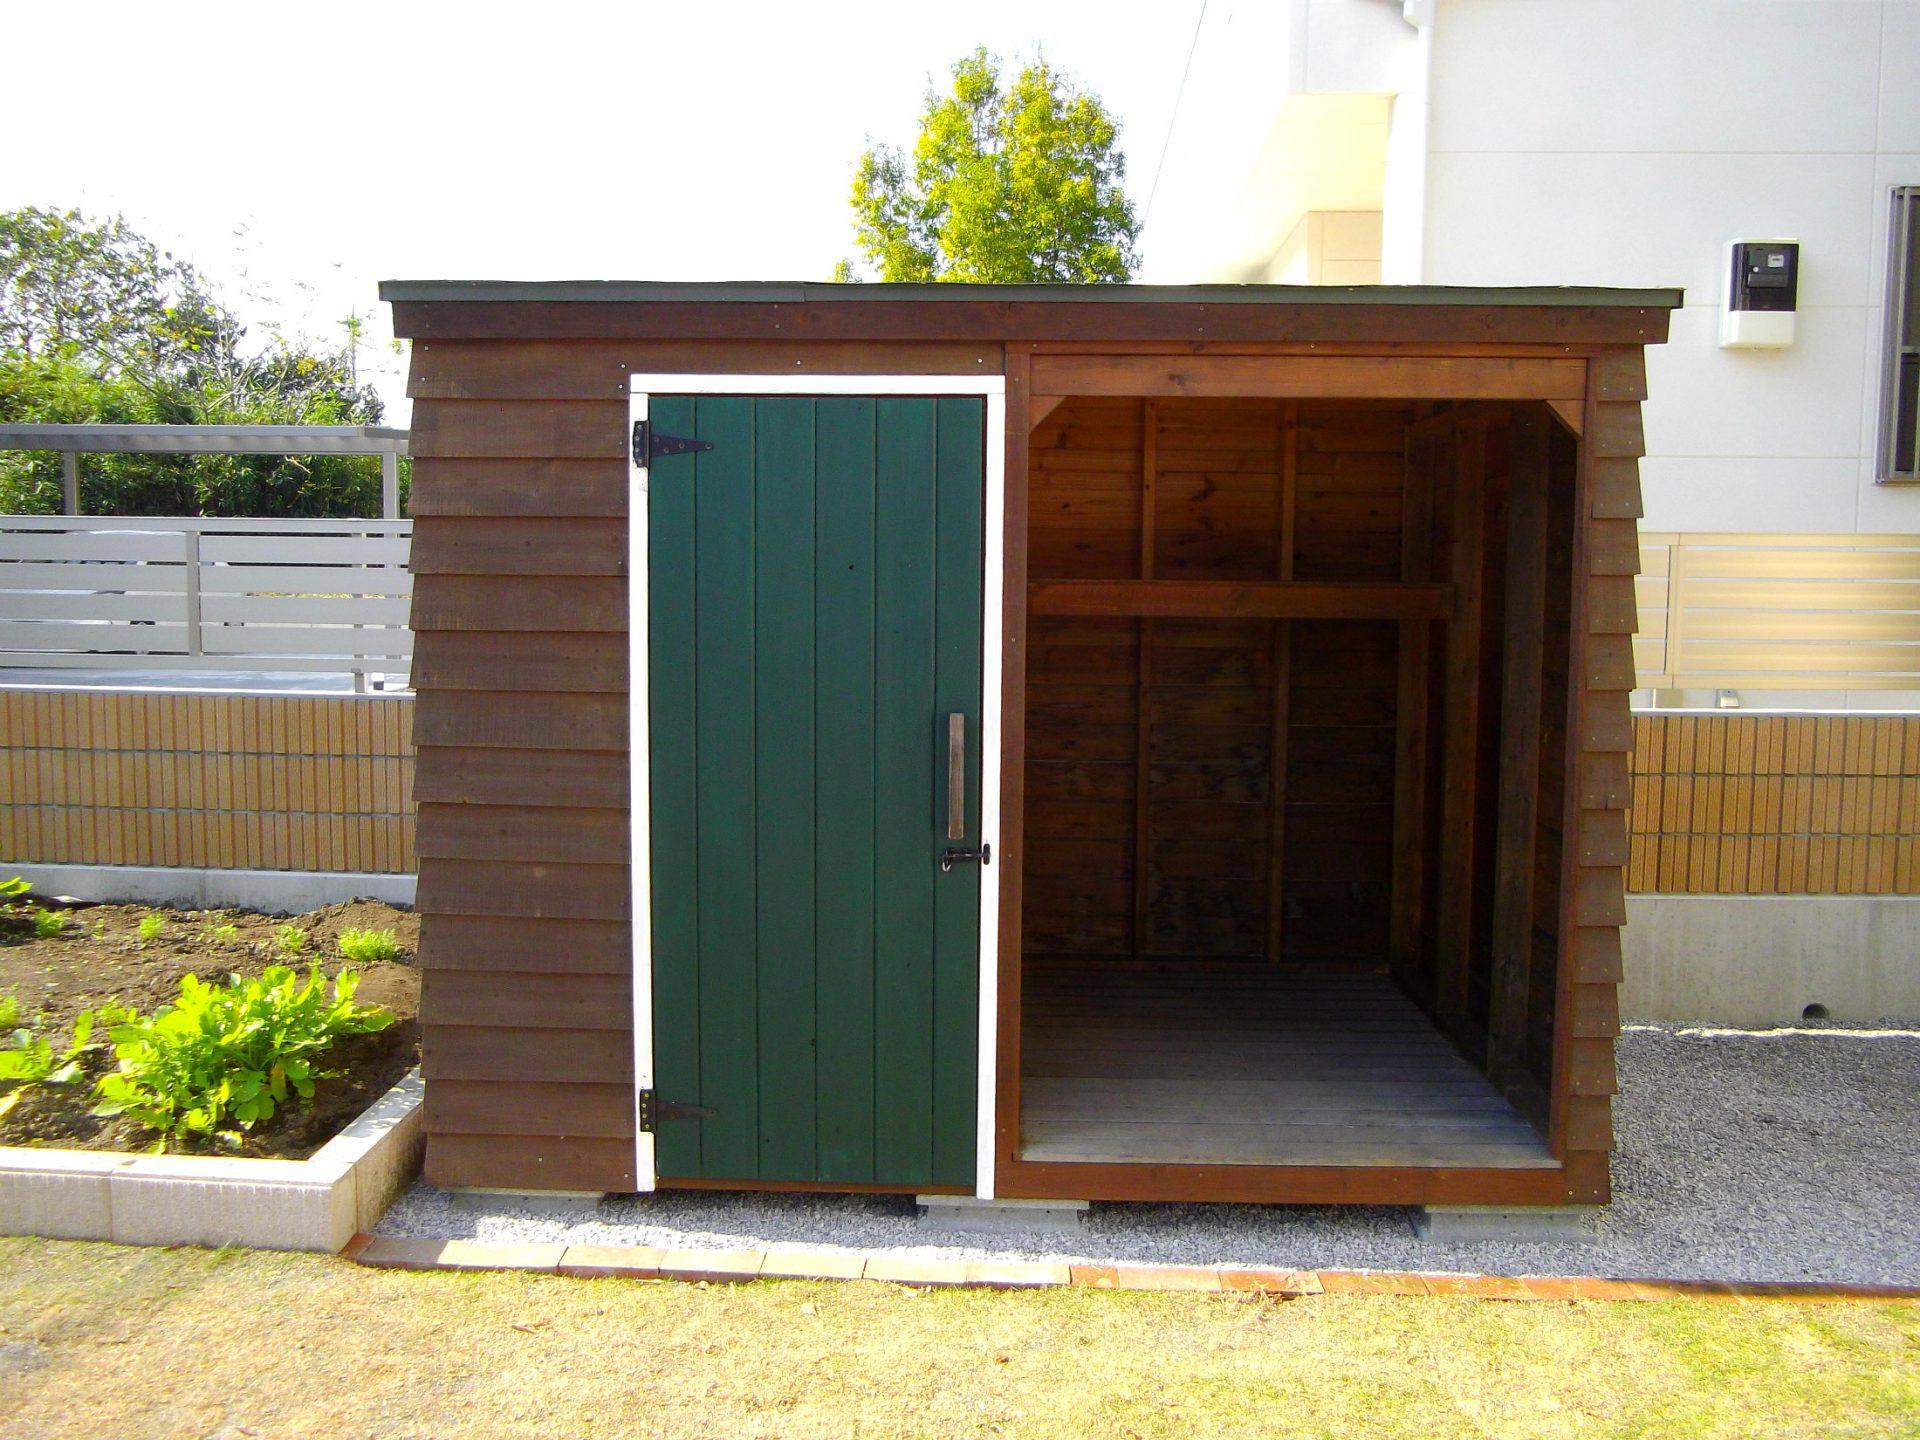 物置 タイヤ置き場 小屋 ナチュラル 木製 オーダーメイド 自然素材